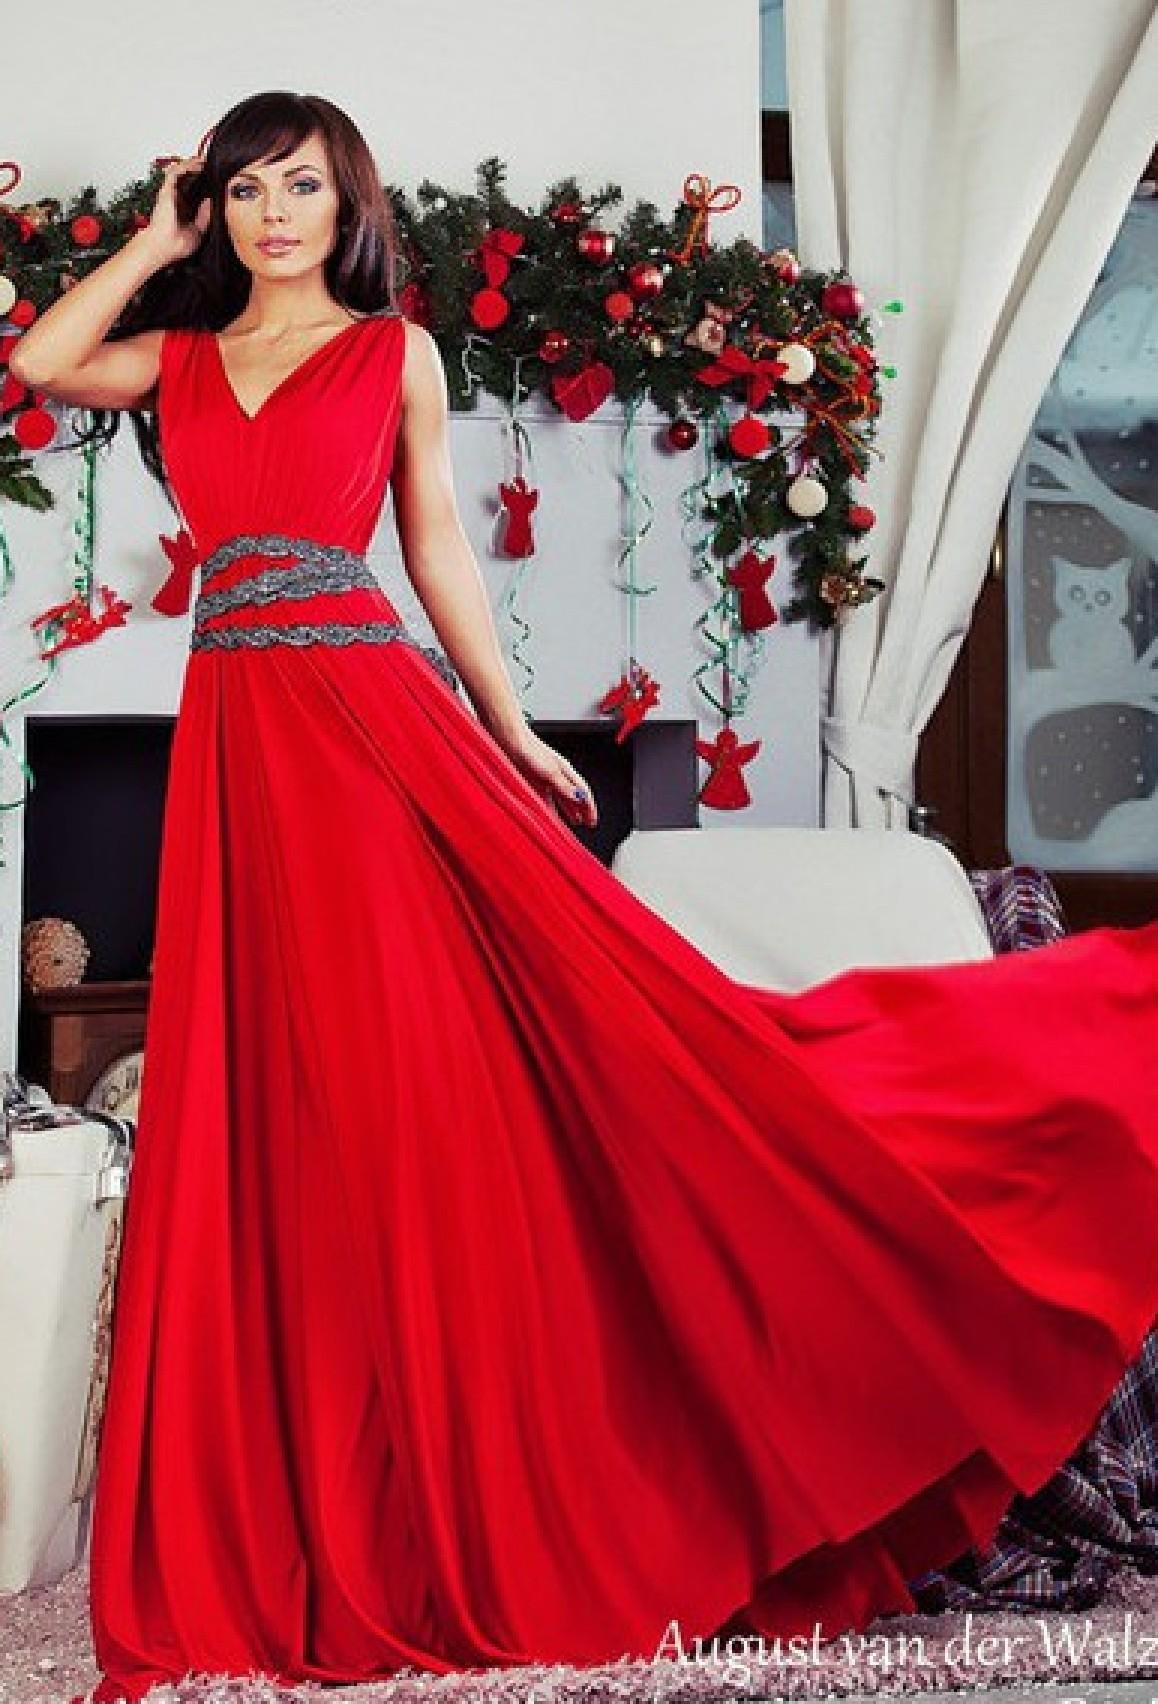 66b62ba97c9 Красное длинное платье для выпускного бала. Выпускные платья 2016. Интернет магазин  выпускных платьев Радэлия.